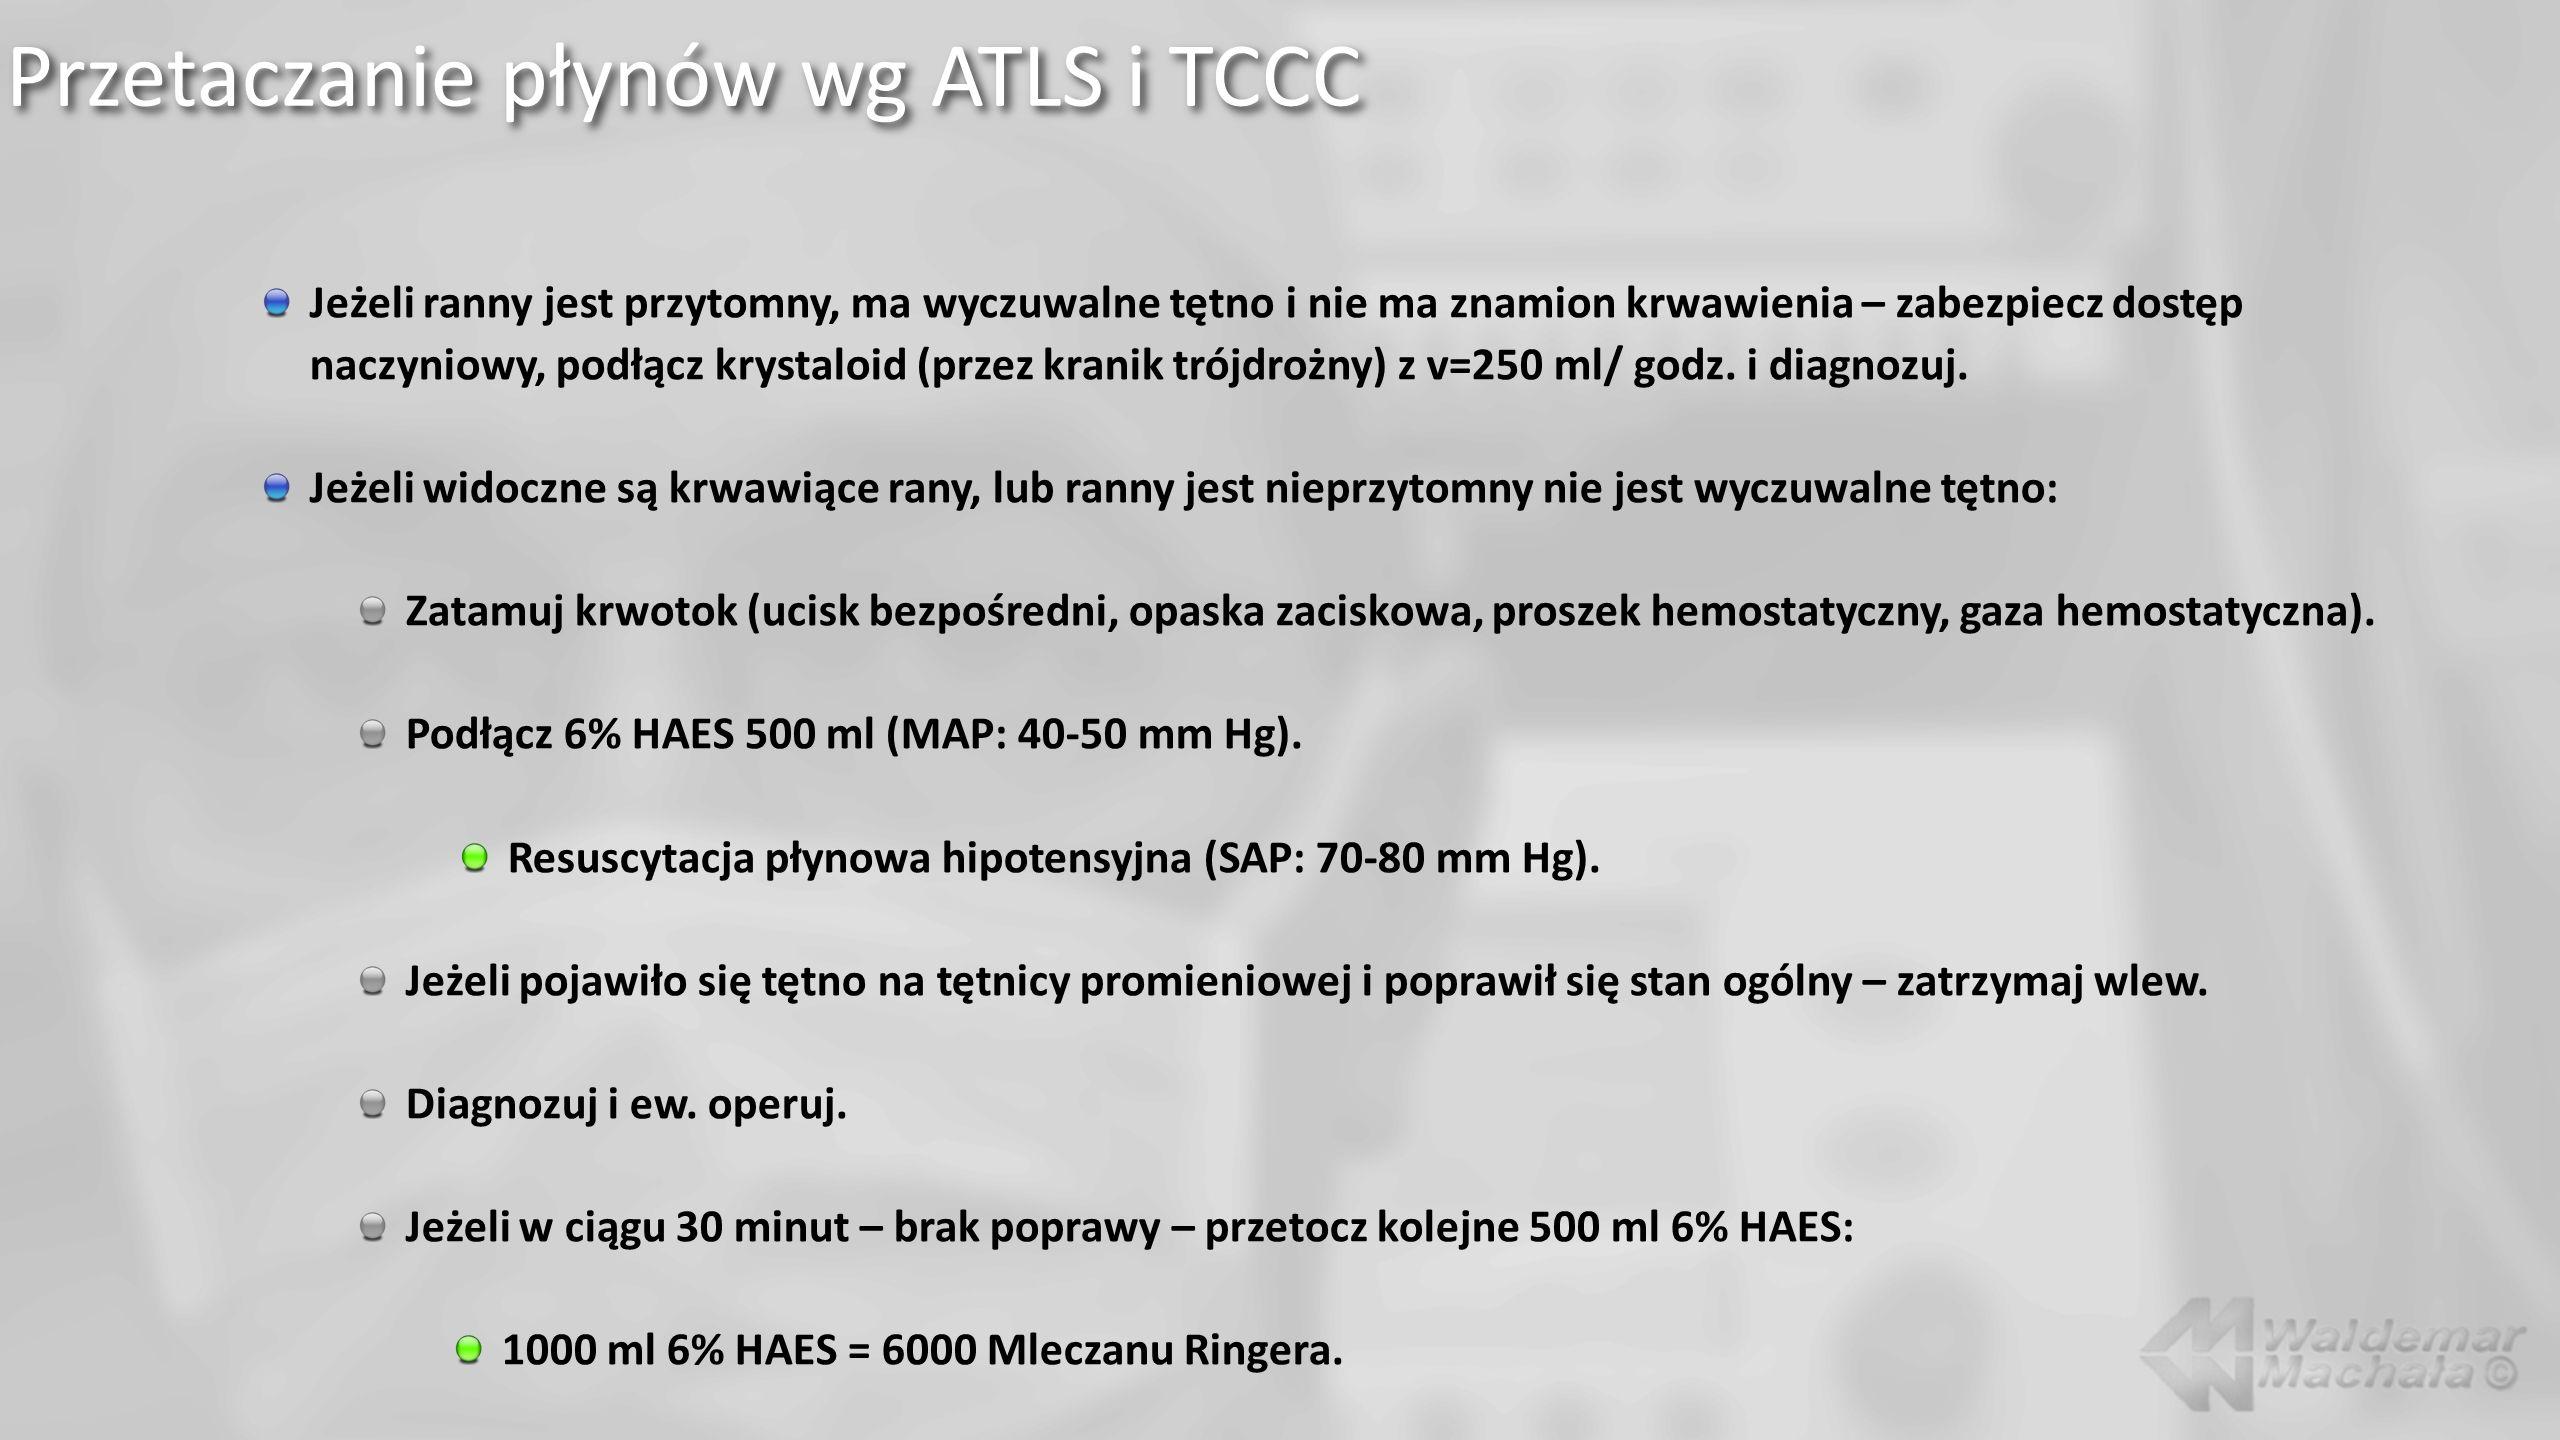 Przetaczanie płynów wg ATLS i TCCC Jeżeli ranny jest przytomny, ma wyczuwalne tętno i nie ma znamion krwawienia – zabezpiecz dostęp naczyniowy, podłącz krystaloid (przez kranik trójdrożny) z v=250 ml/ godz.